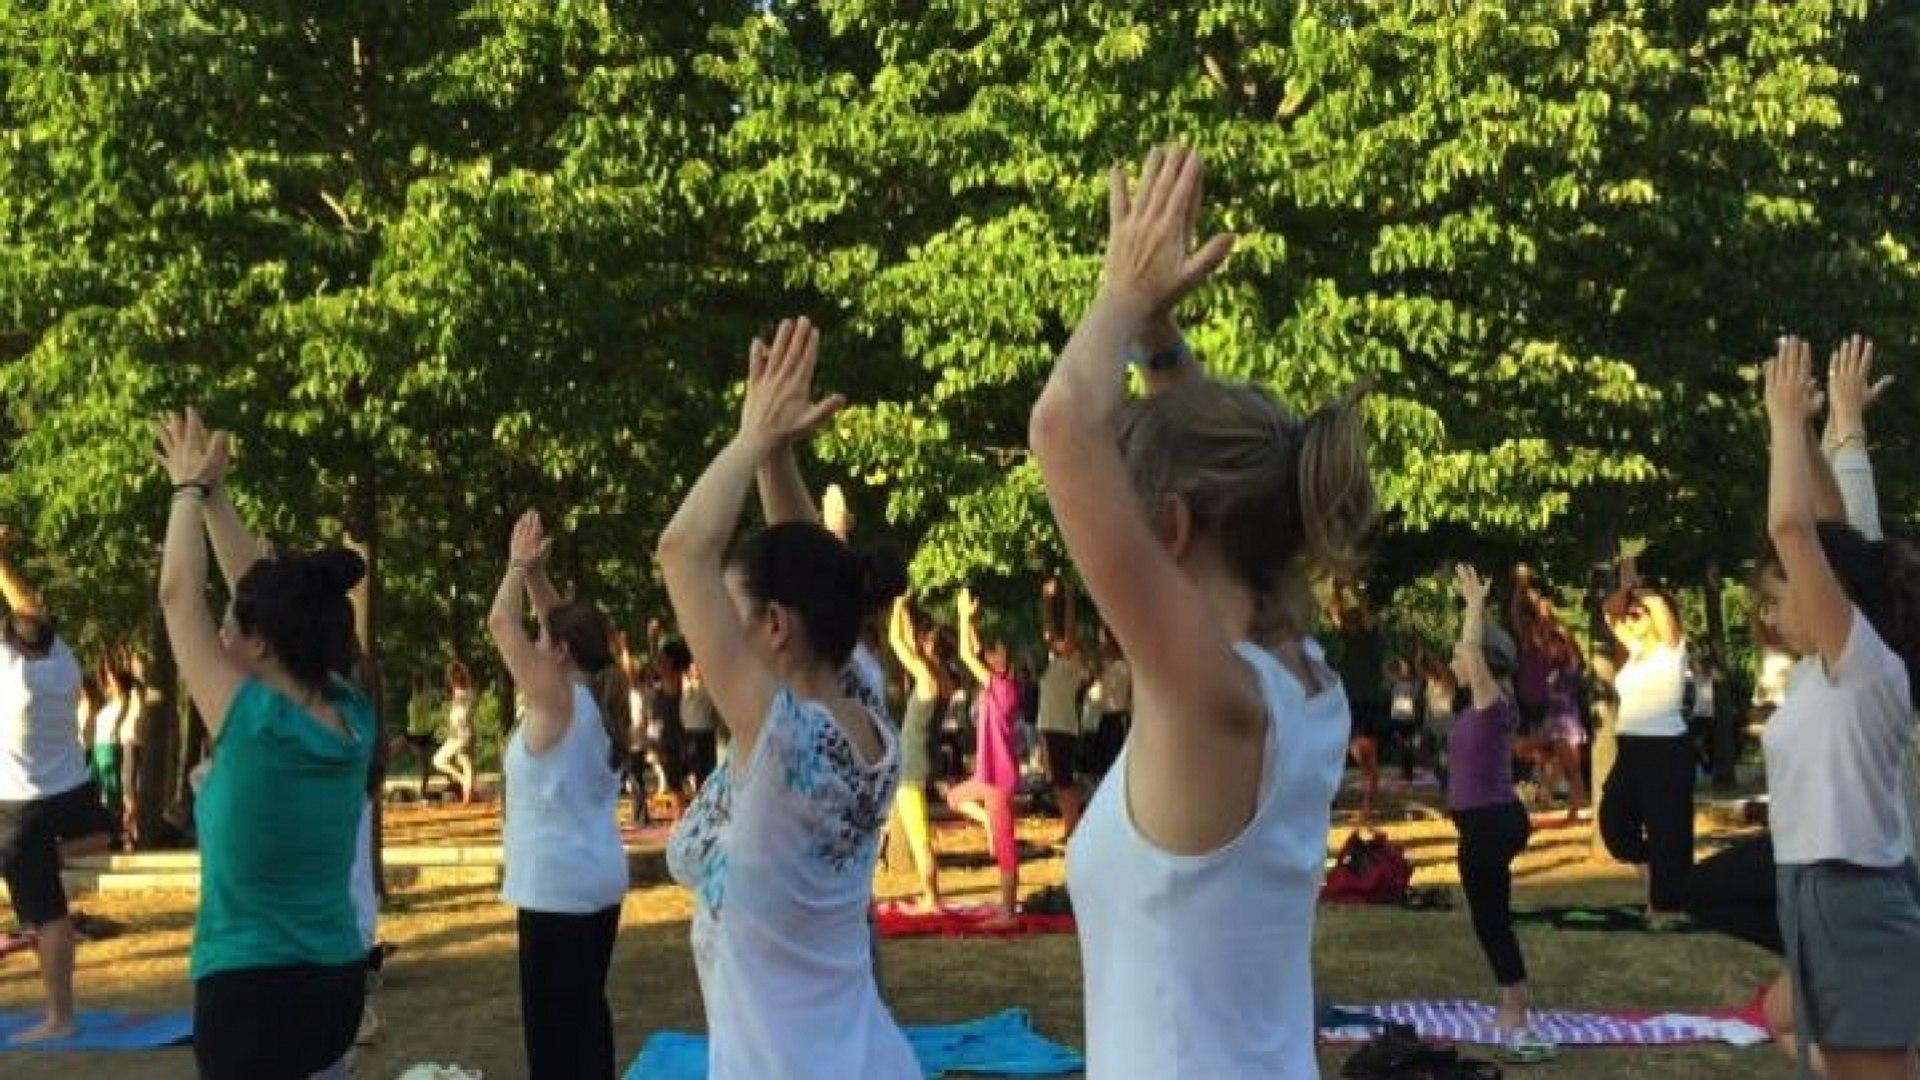 Yoga per l'armonia e la pace nei giardini dell'Auditorium a Roma